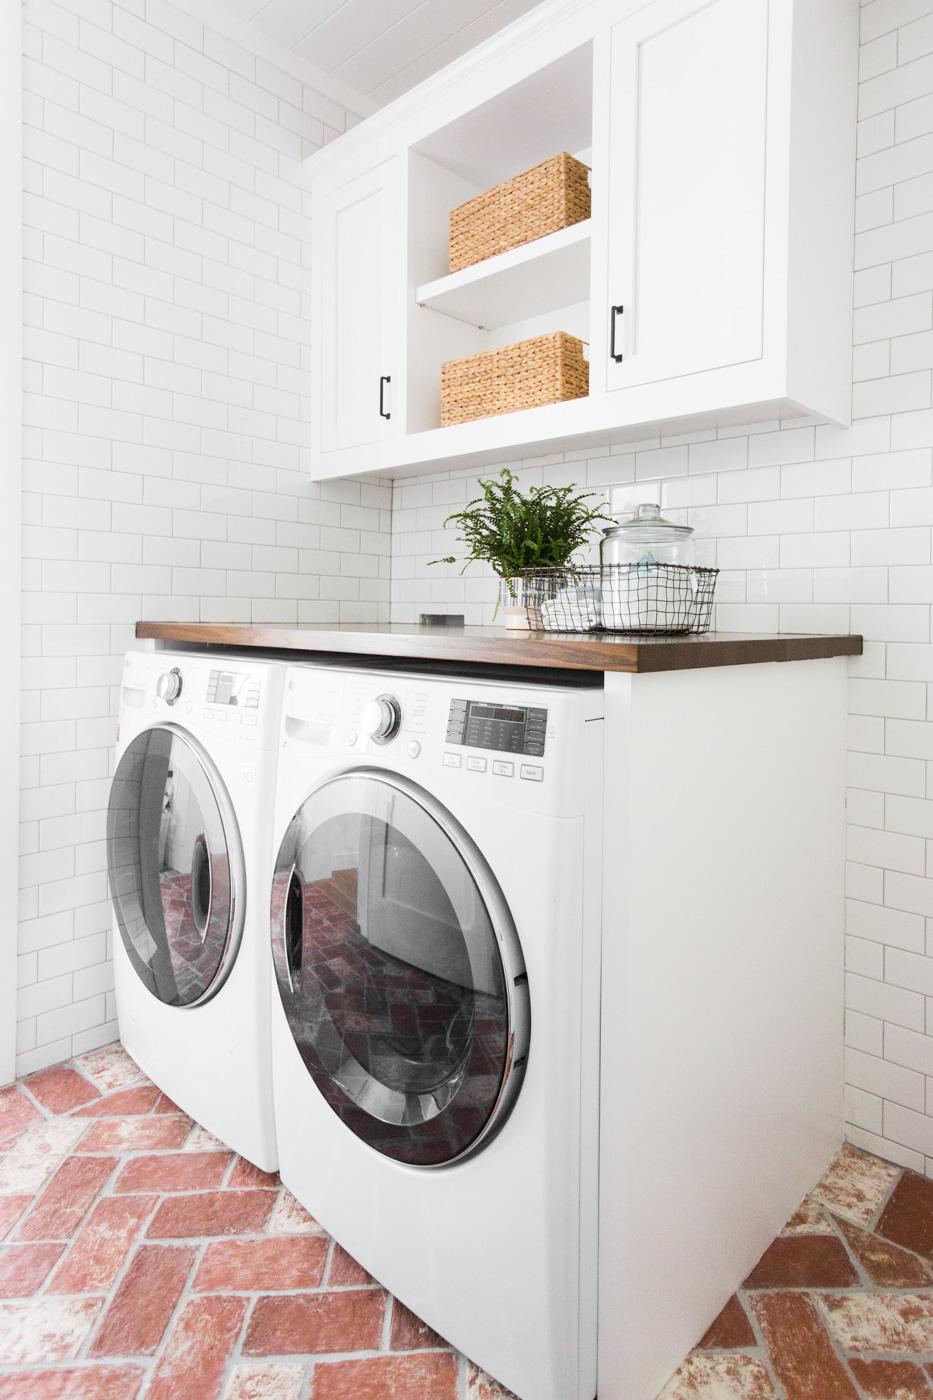 Brick+herringbone+and+floor-to-ceiling+subway+tile+in+the+laundryroom+||+Studio+McGee.jpg